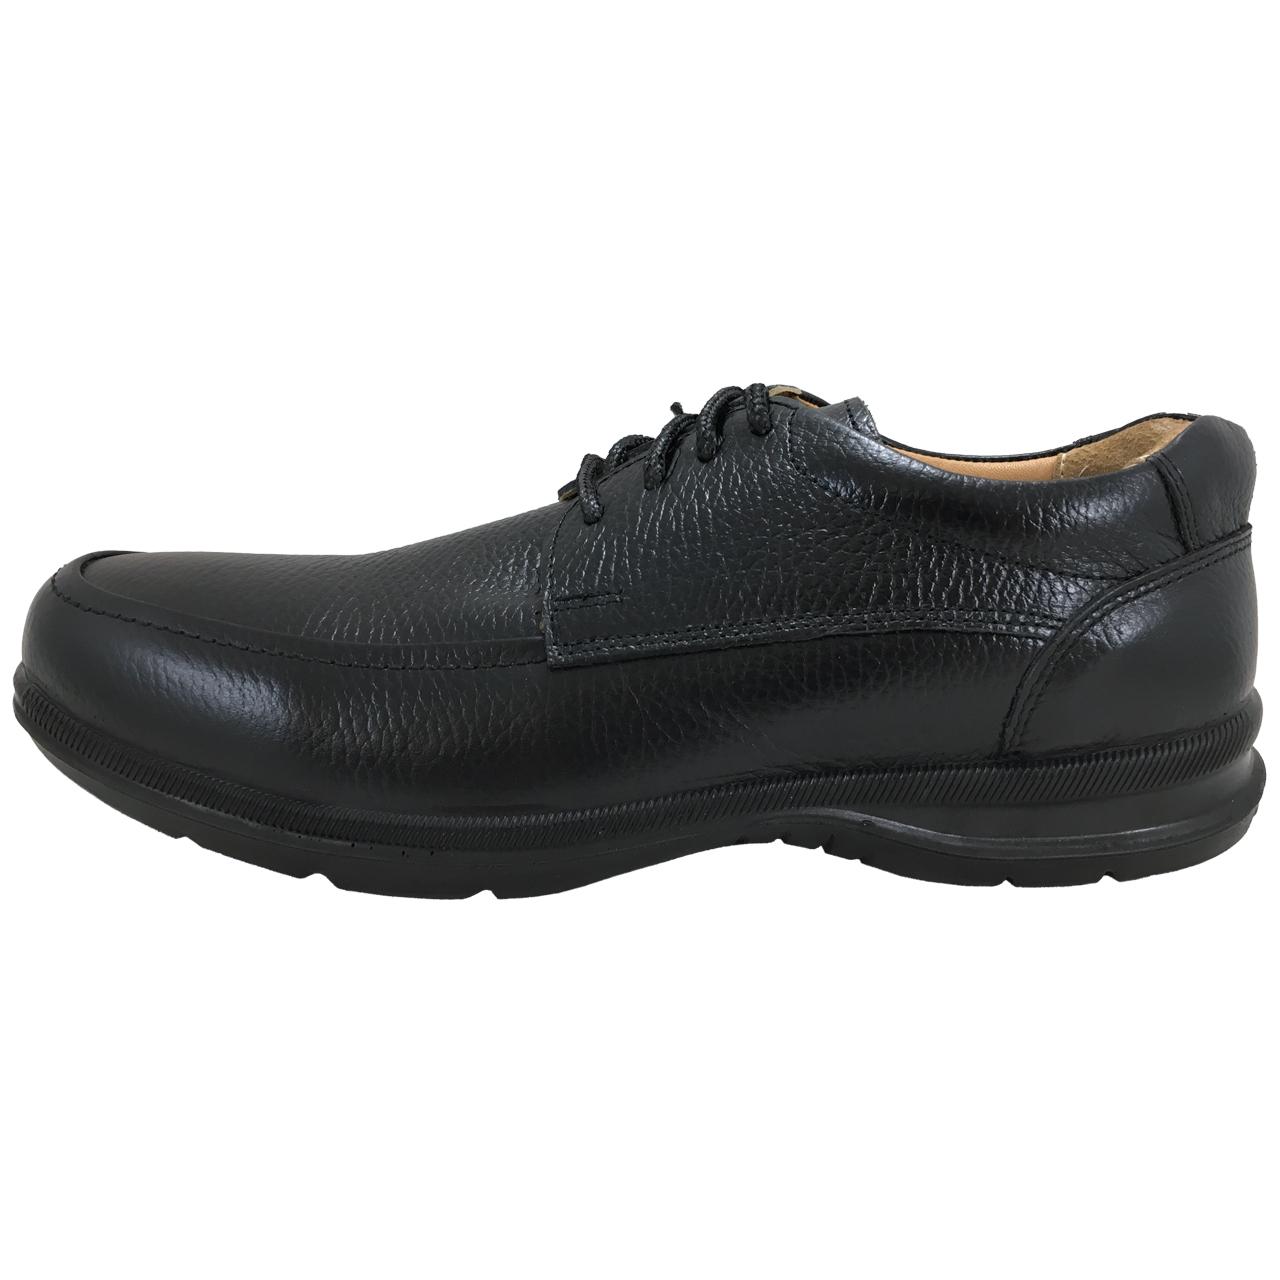 کفش طبی مردانه نسیم مدل جکوار کد 2921